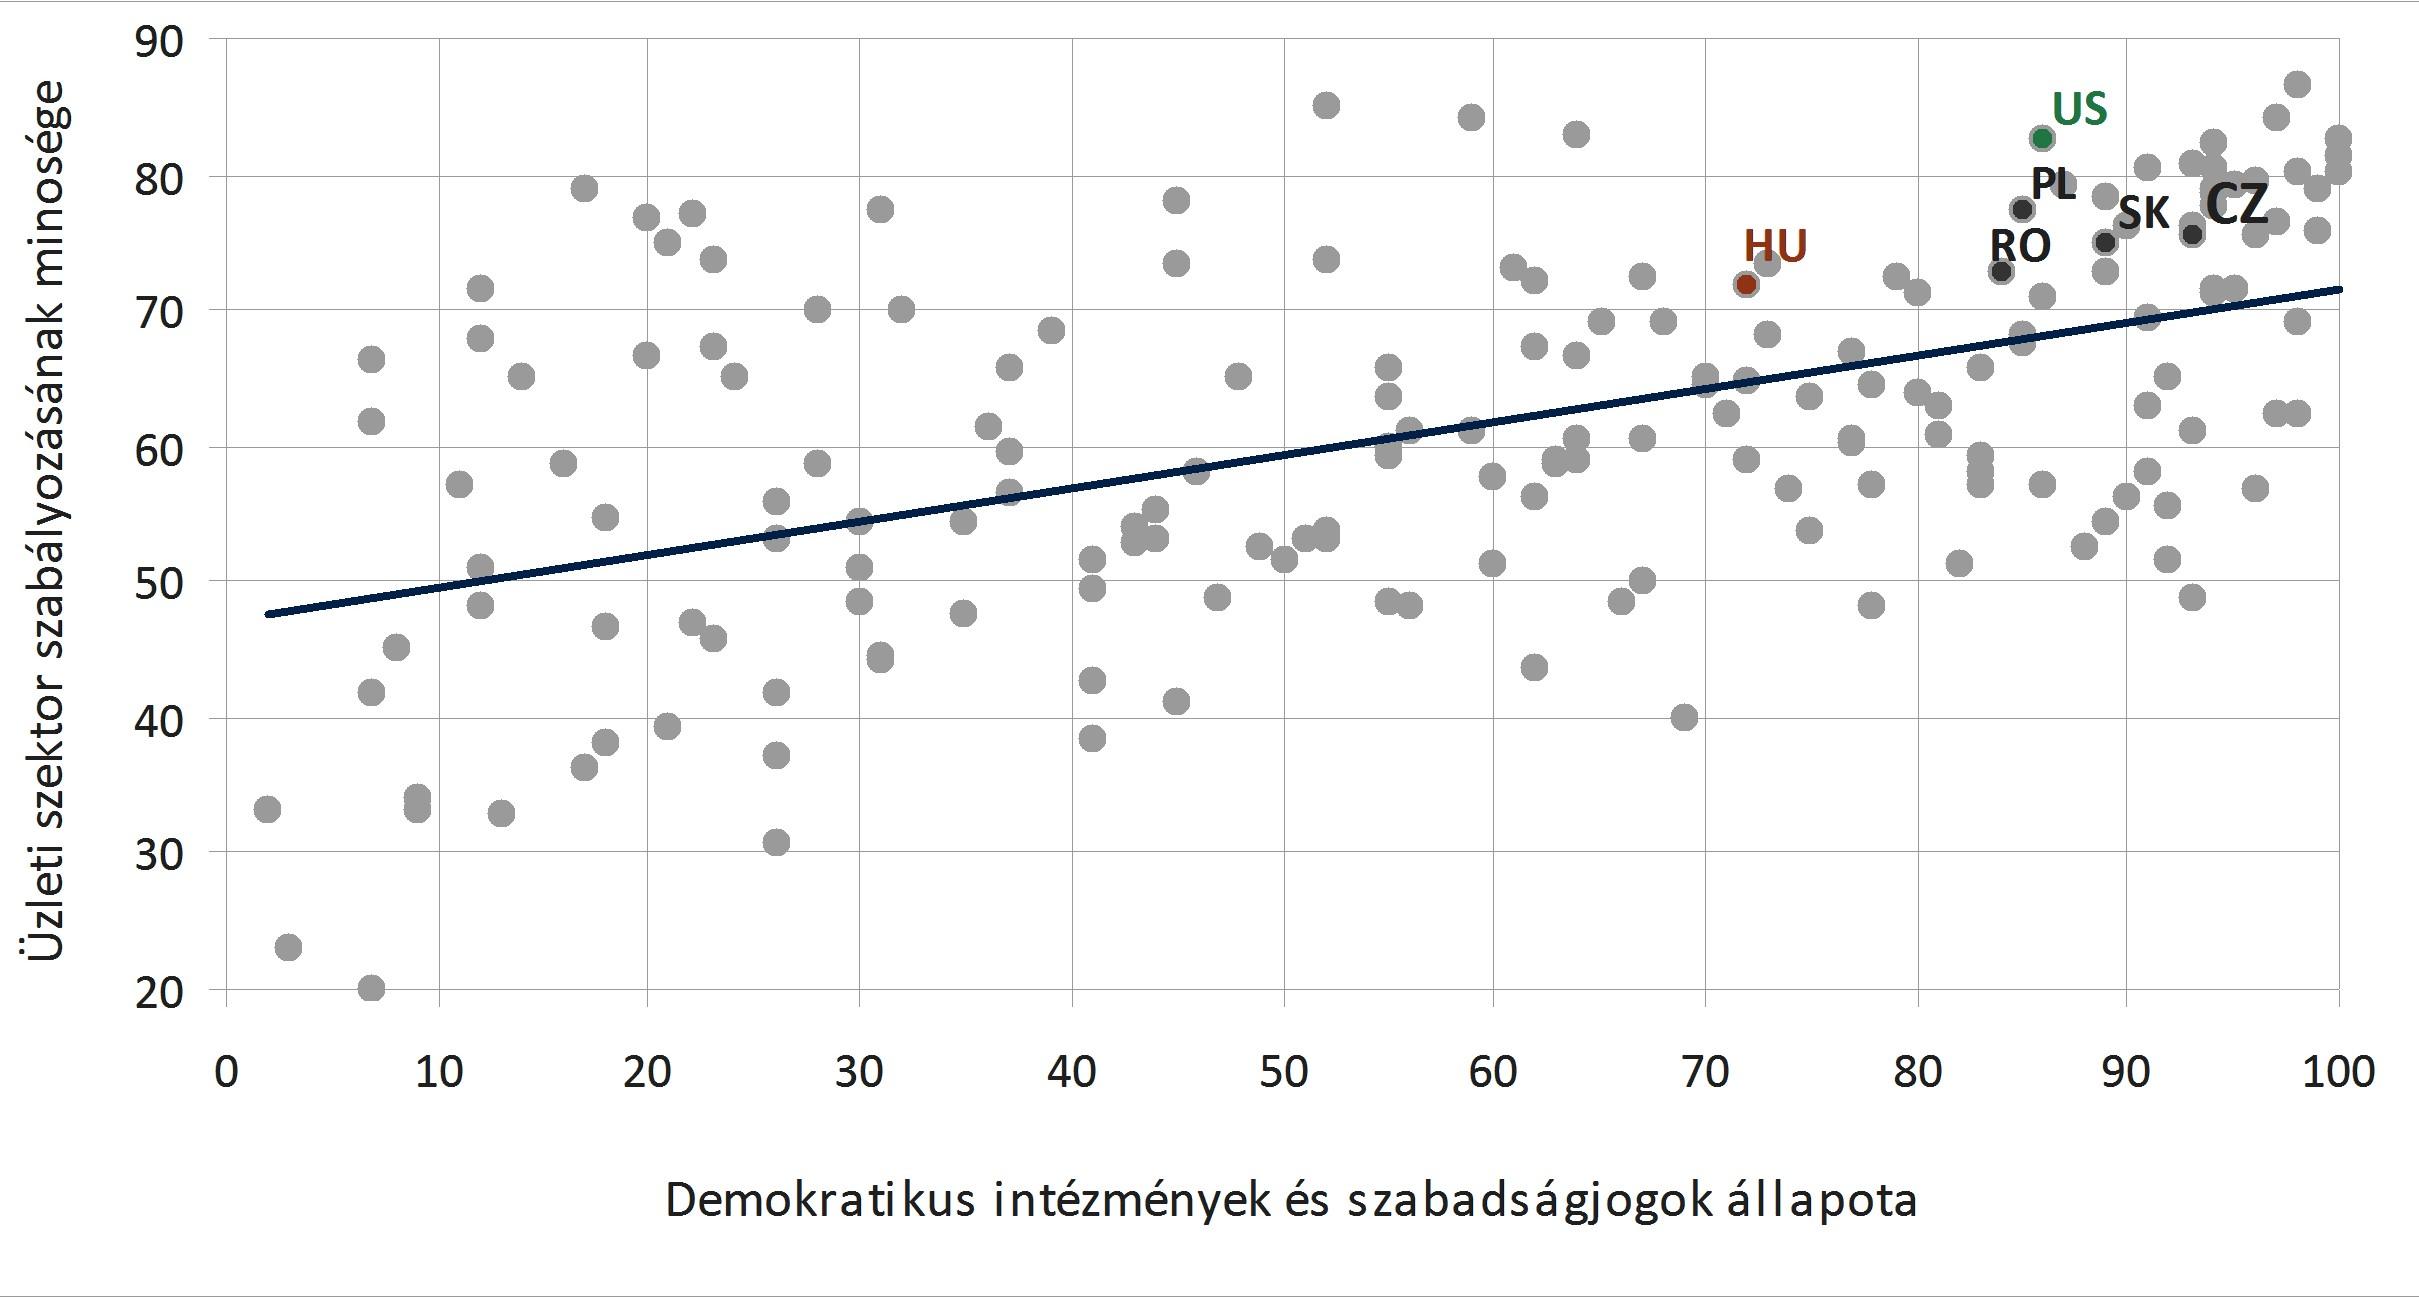 Segítik a politikai szabadságjogok a gazdasági növekedést?